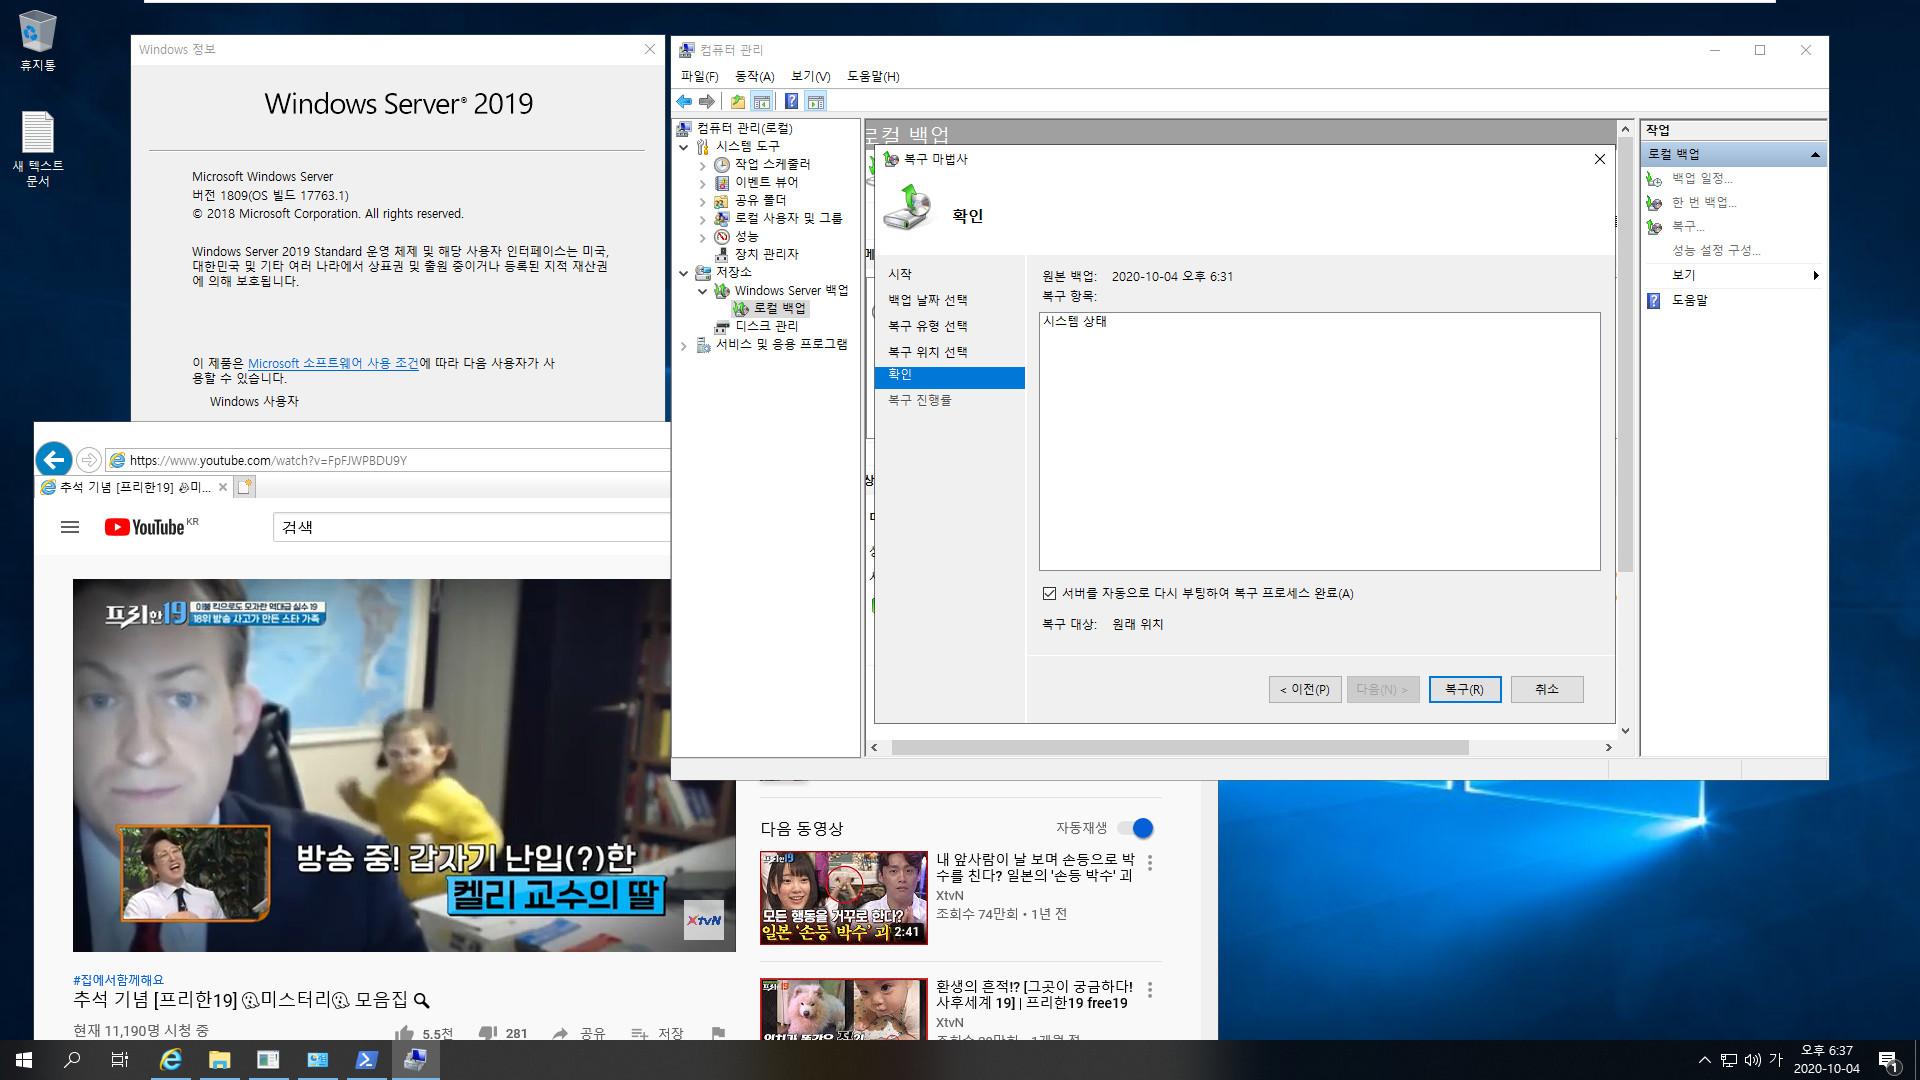 윈도우 서버군은 윈도우 사용중에도 자체 WBadmin 명령으로 윈도우 복구를 합니다 - Windows Server 2019로 복구 테스트 2020-10-04_183726.jpg